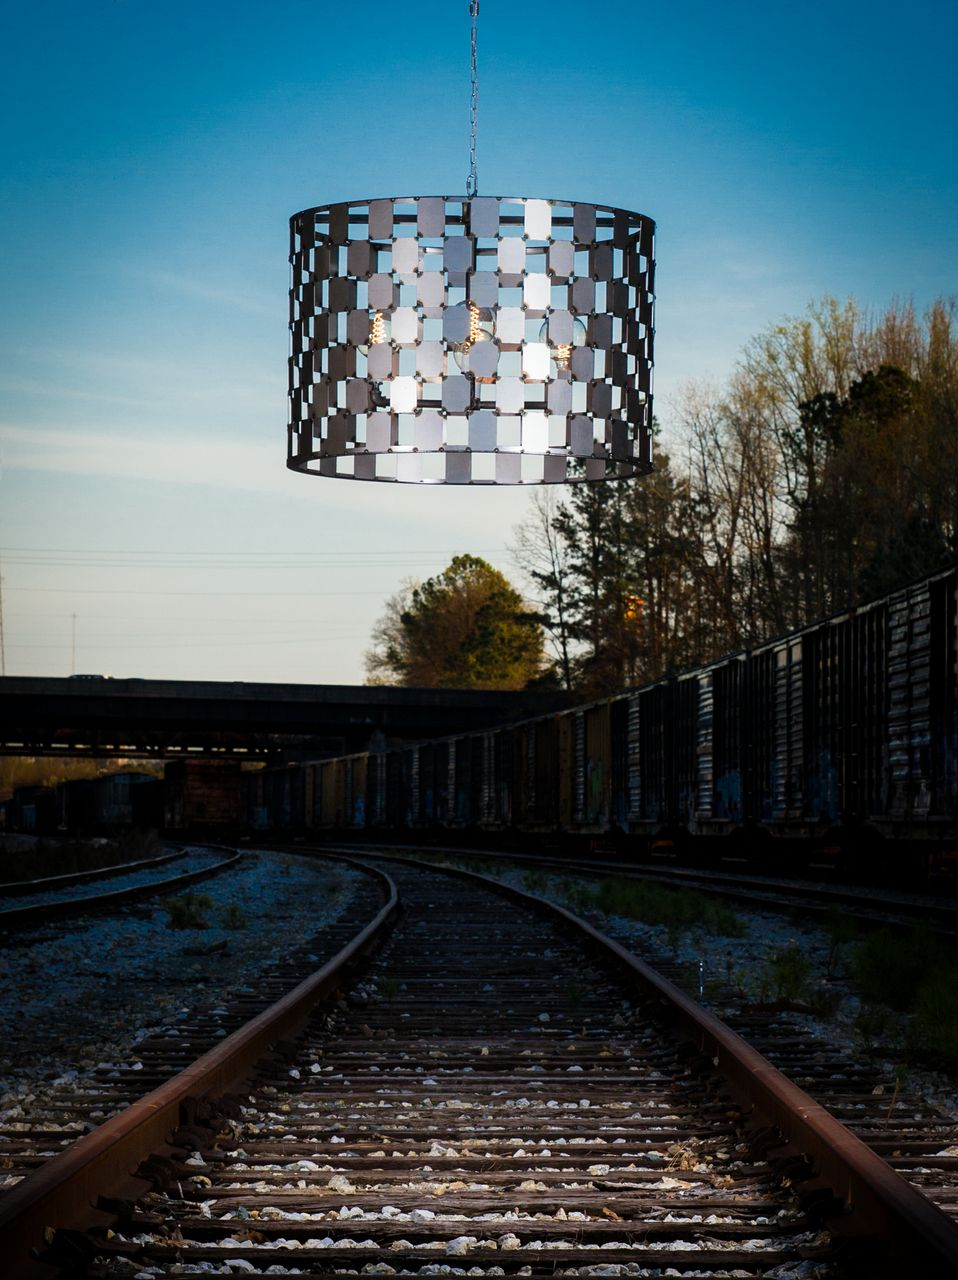 lamp train yard.jpeg